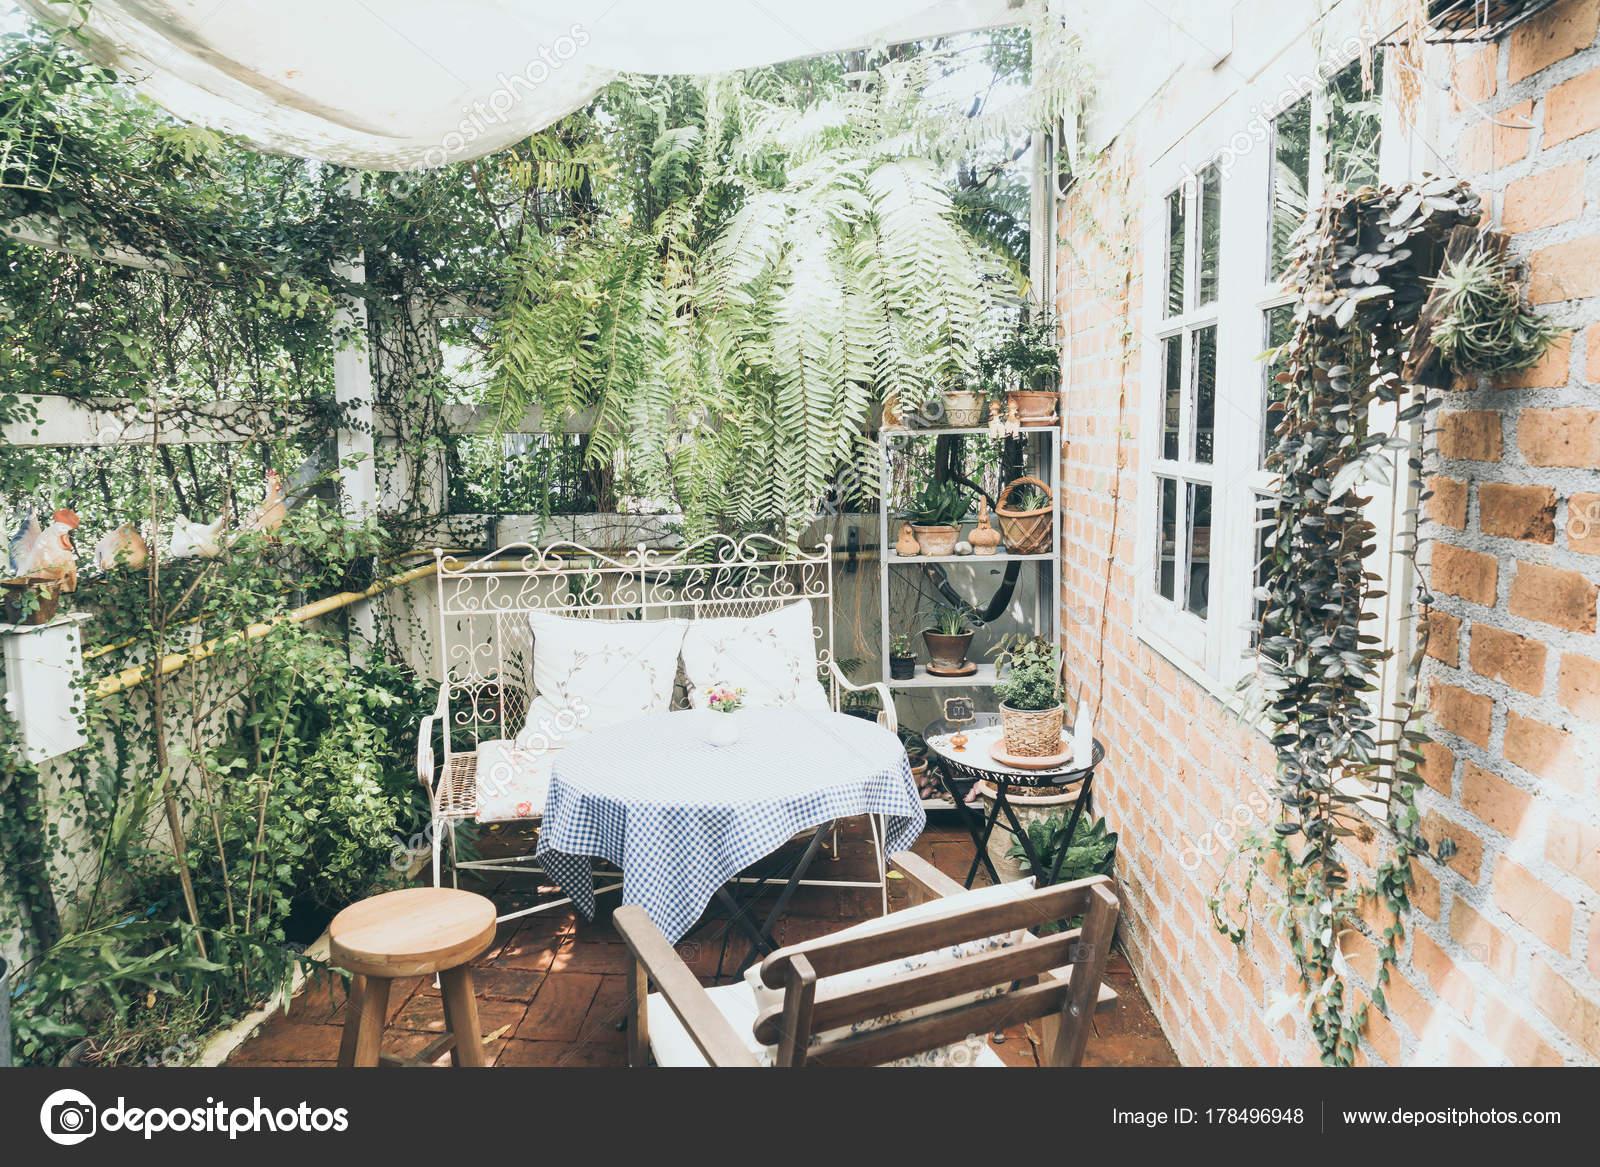 Decoration De Table Et Une Chaise Vide Terrasse Dans Jardin